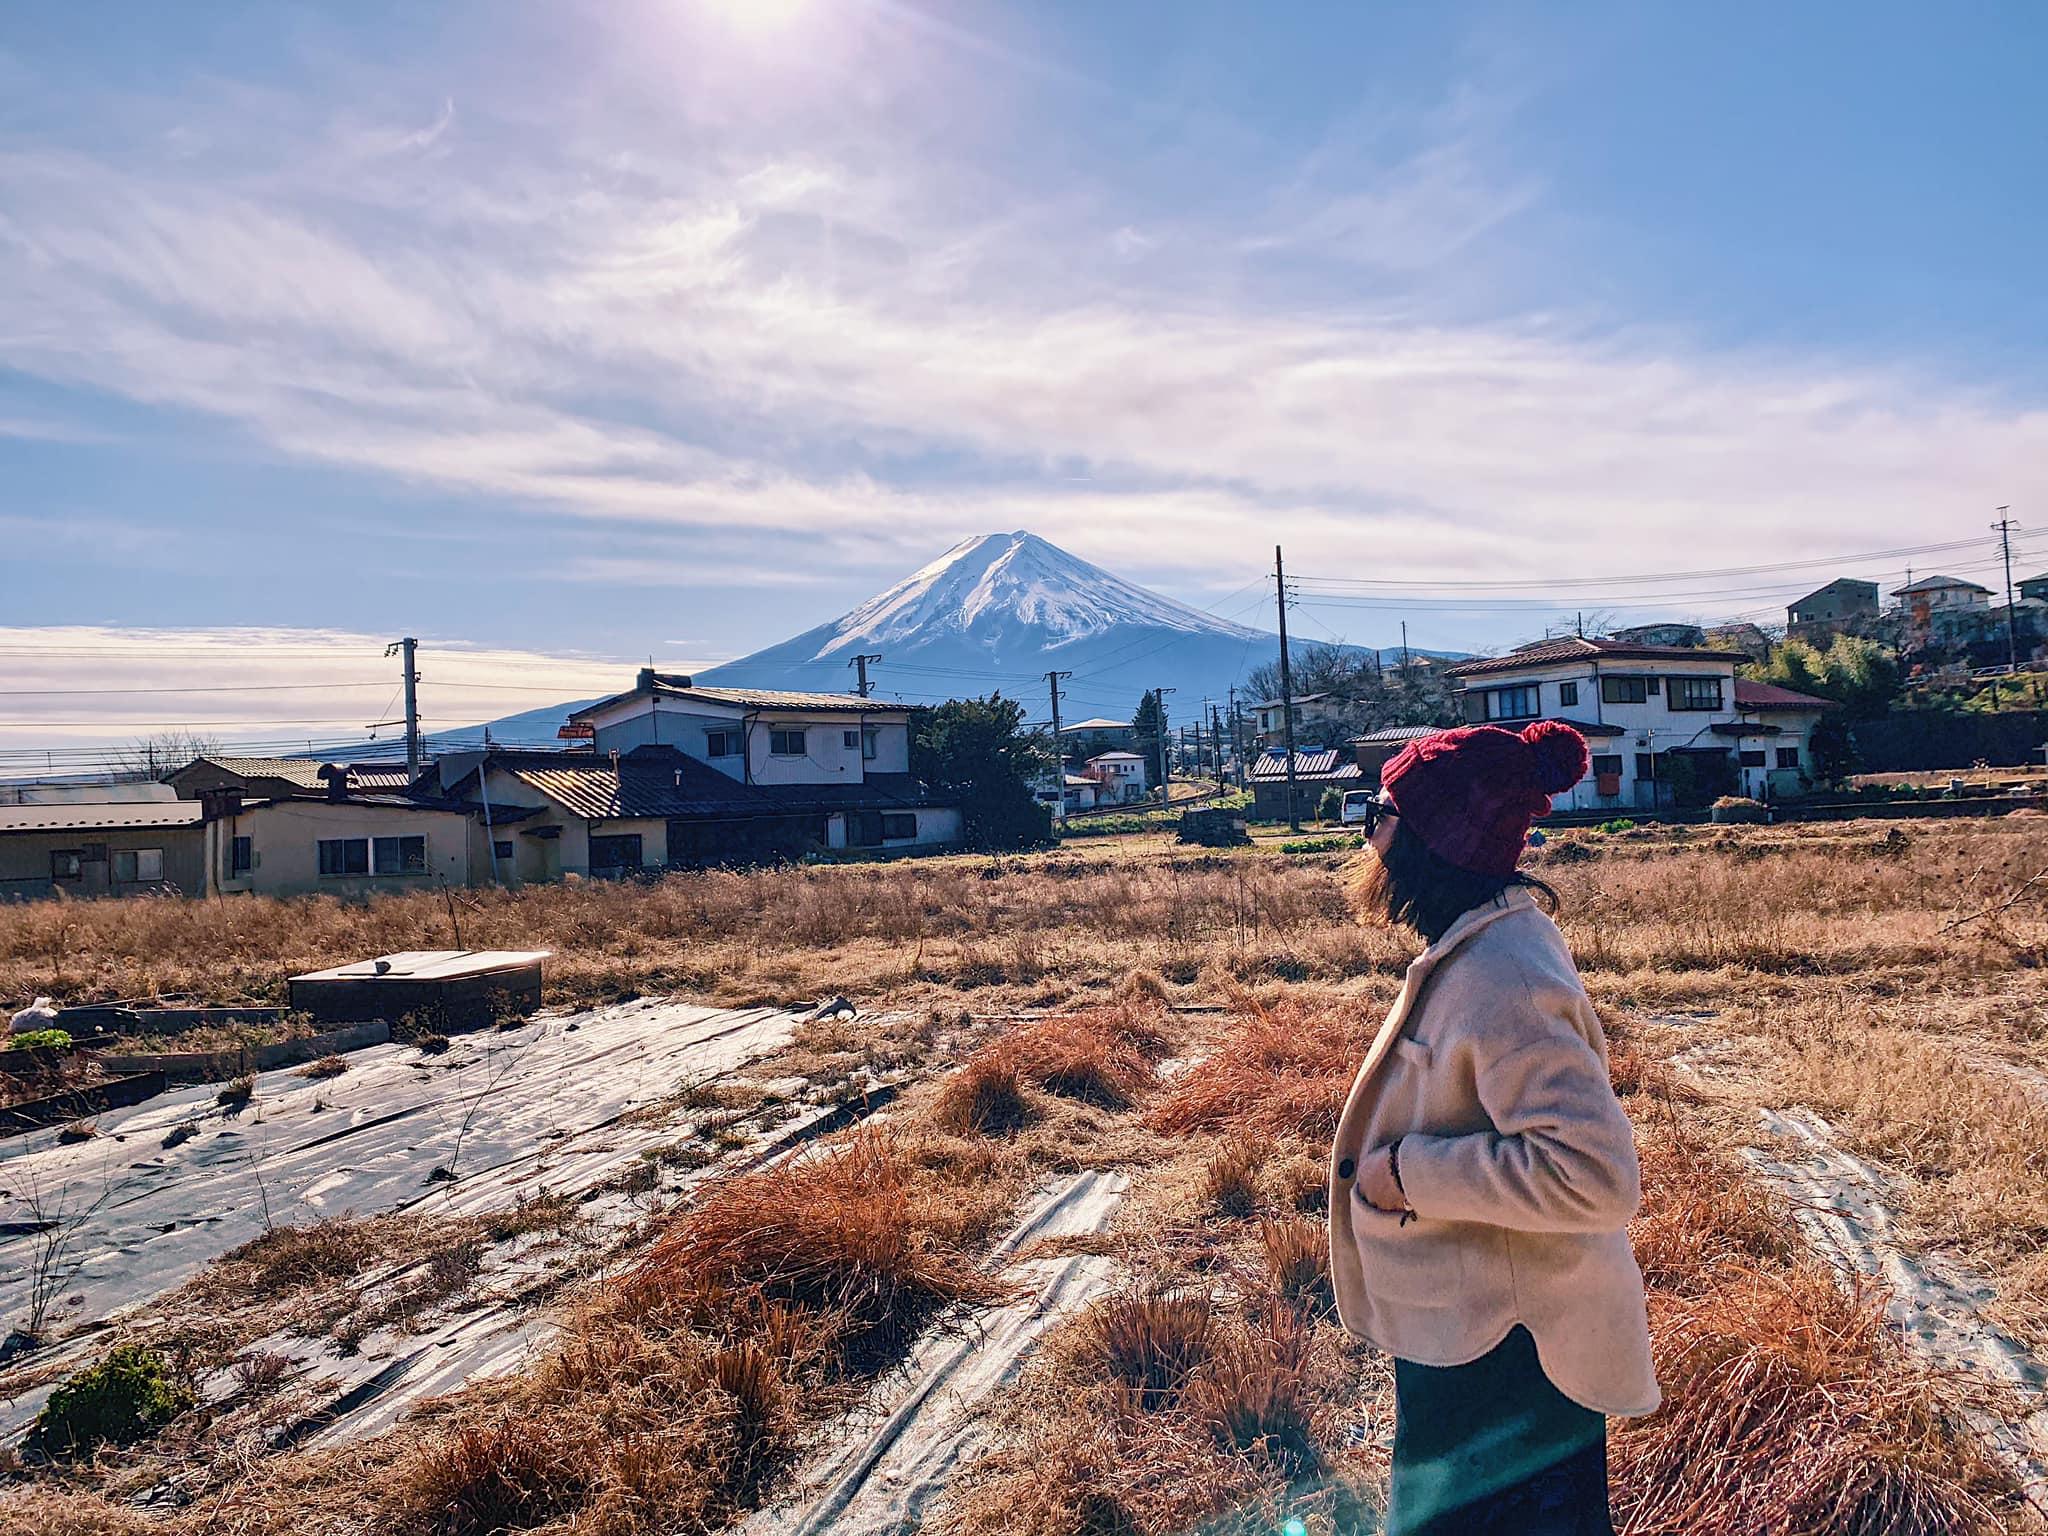 Chill một chút với đất trời, thiên nhiên Nhật Bản